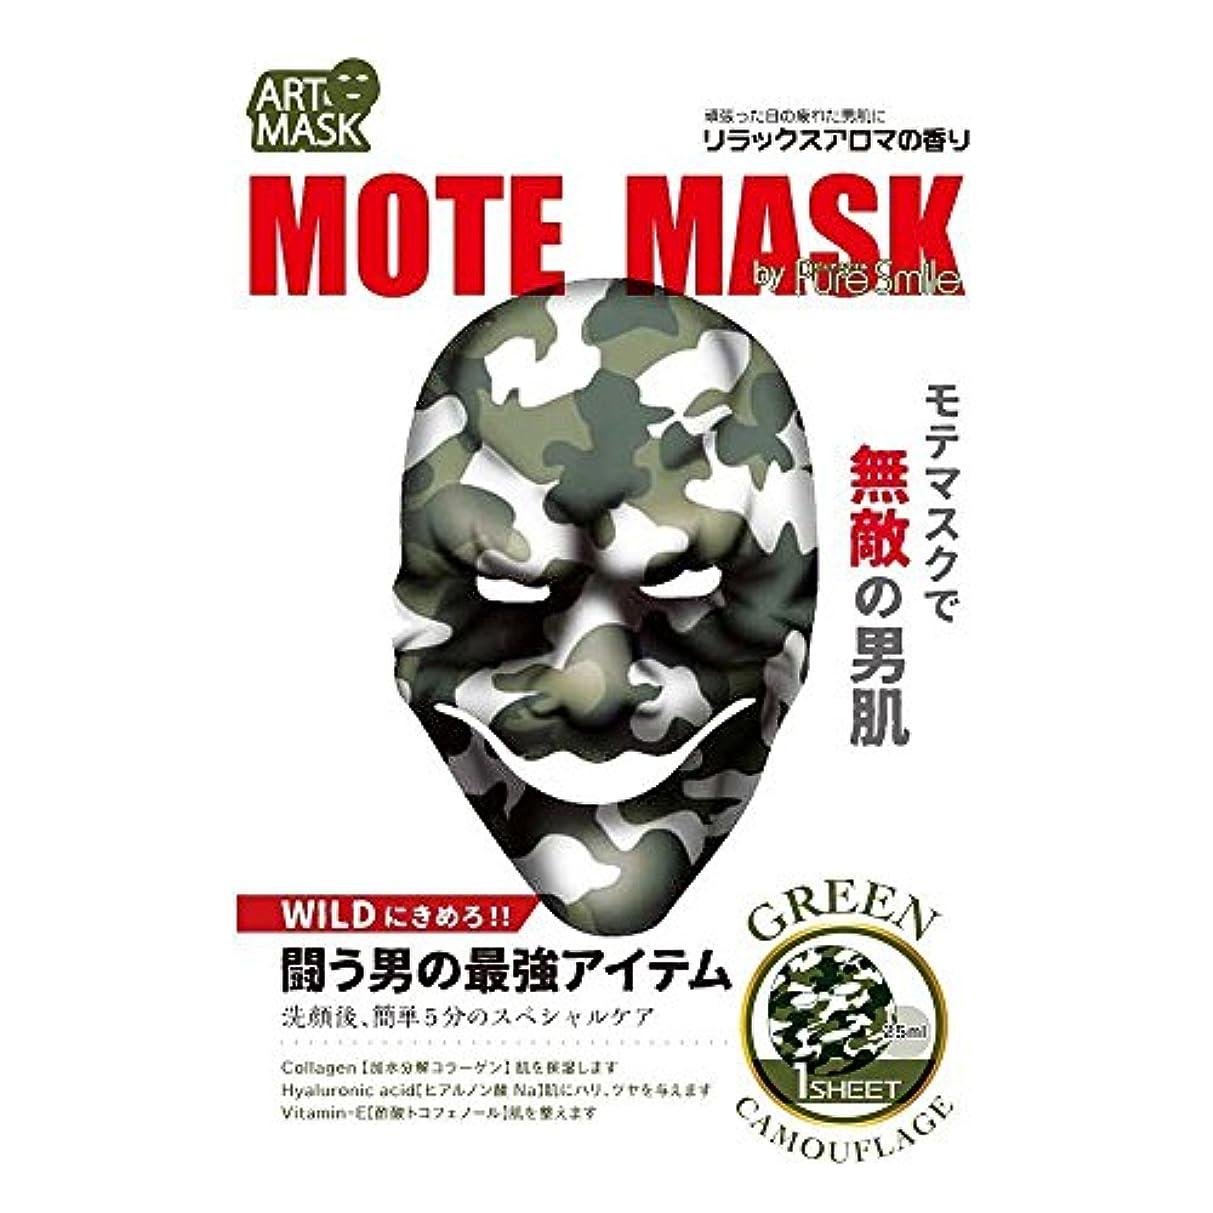 感じるお手入れ精査するピュアスマイル モテマスク ブラックカモフラージュ MA03 【クール】